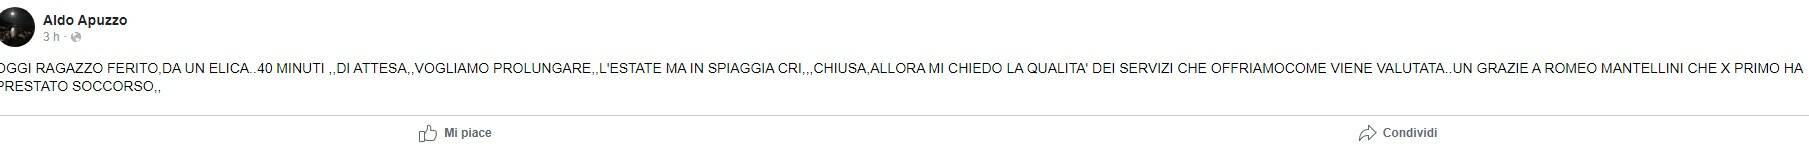 Aldo Apuzzo parla di Mantellini